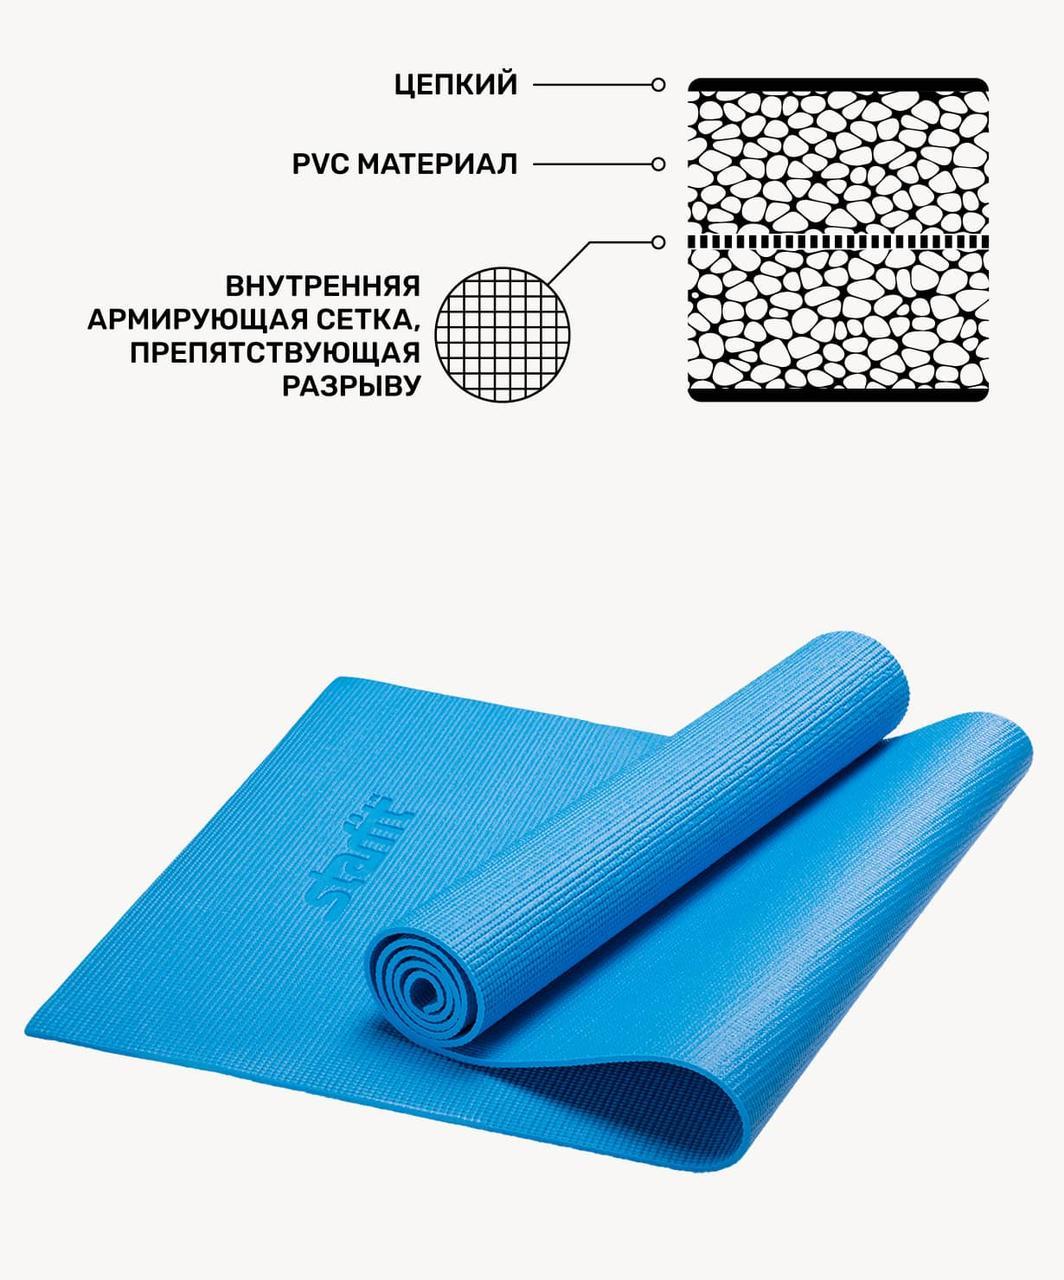 Коврик для йоги FM-101, PVC, 173x61x0,8 см,  Starfit